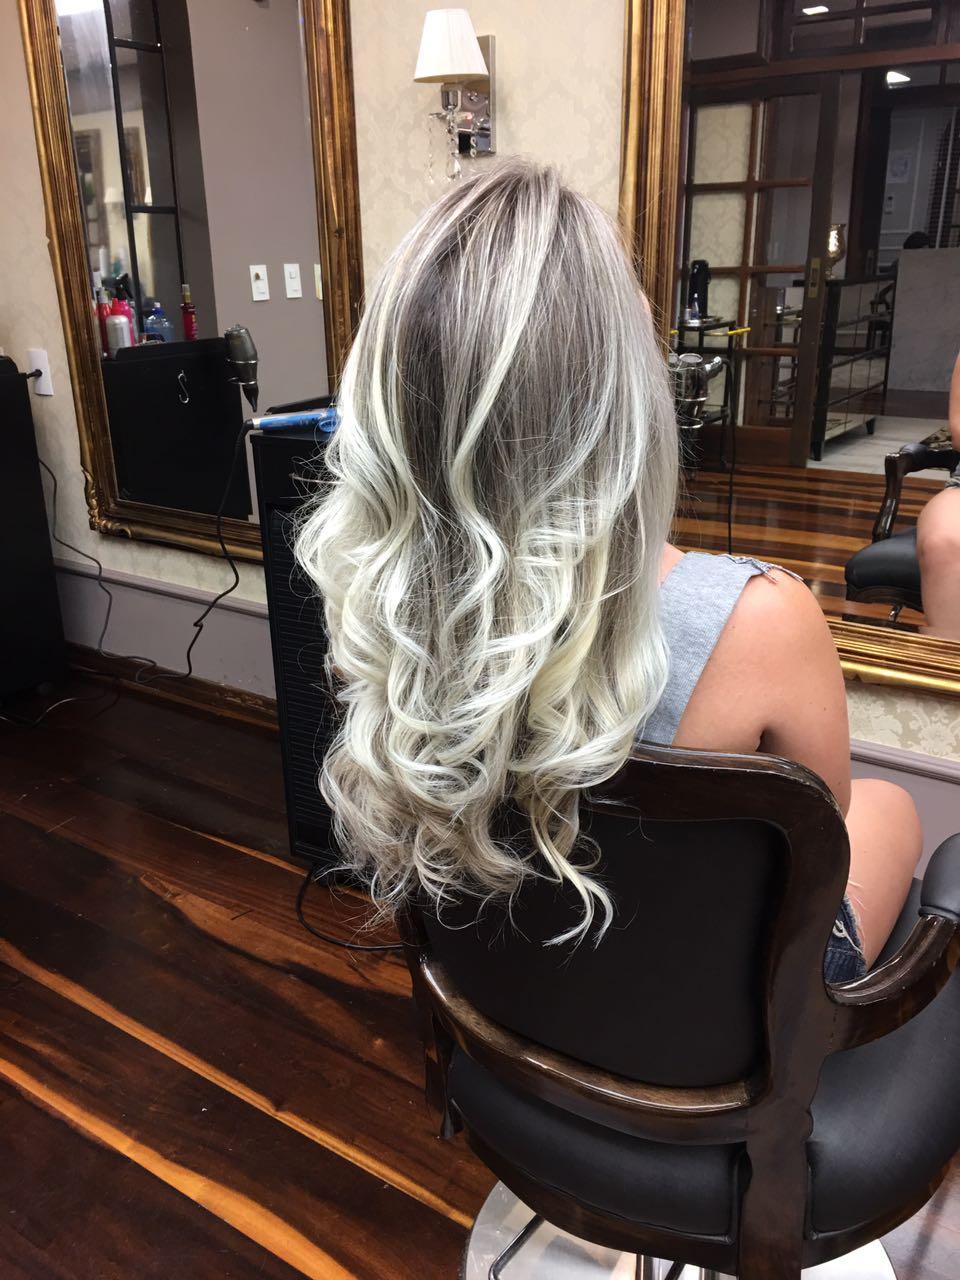 penteado22